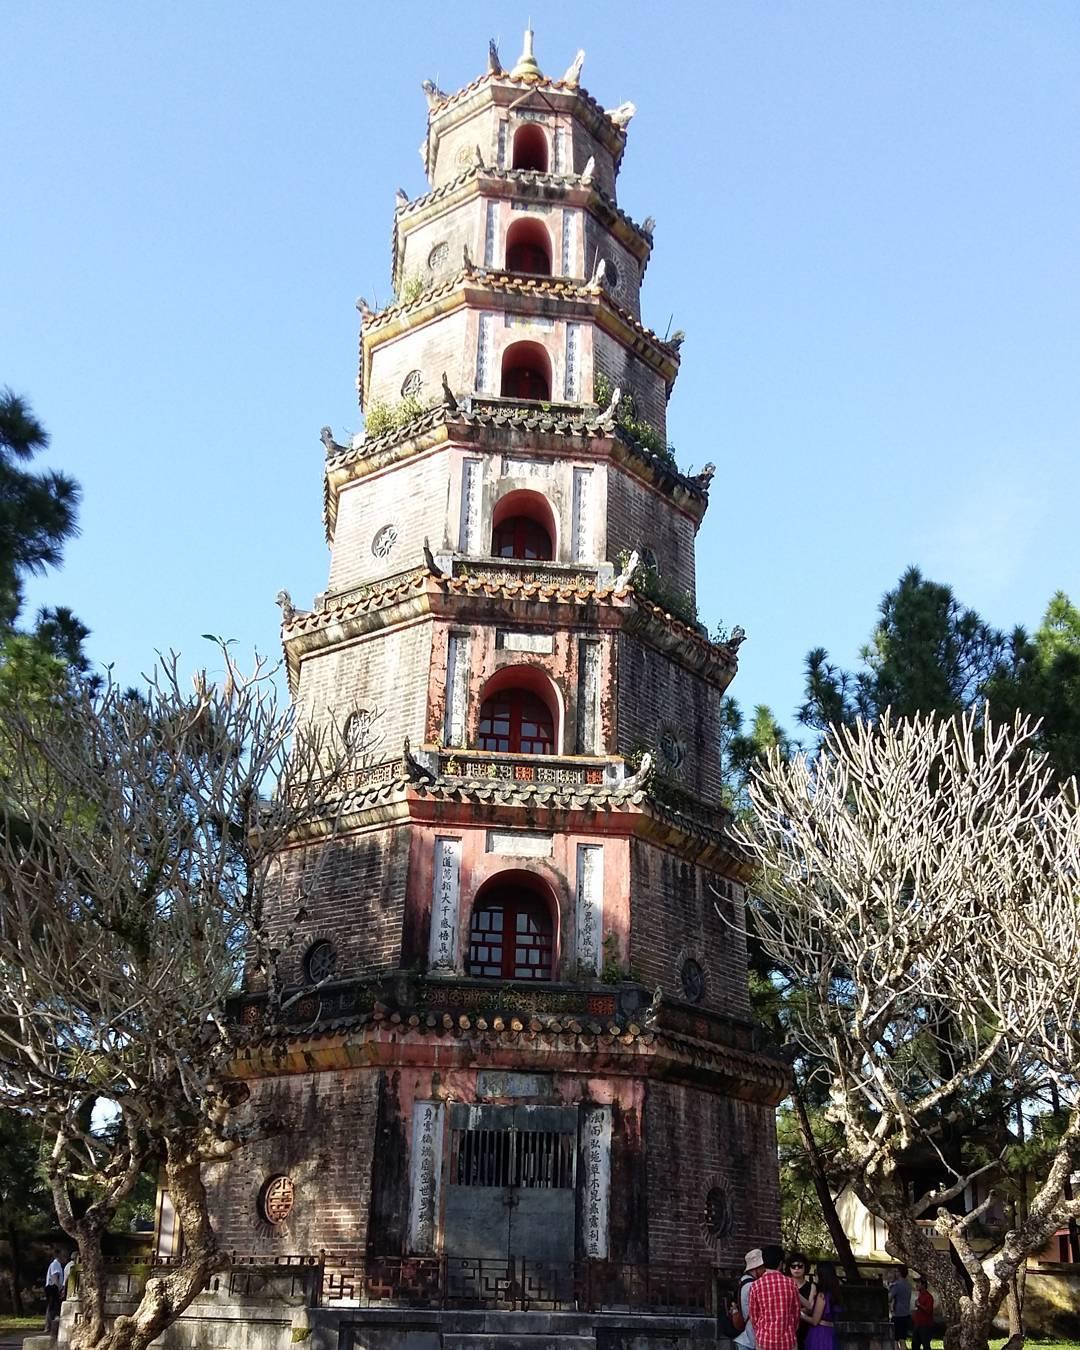 15877204 1745544422422873 1784269486526824448 n 베트남 후에의 티엔무 사원 8각7층 석탑